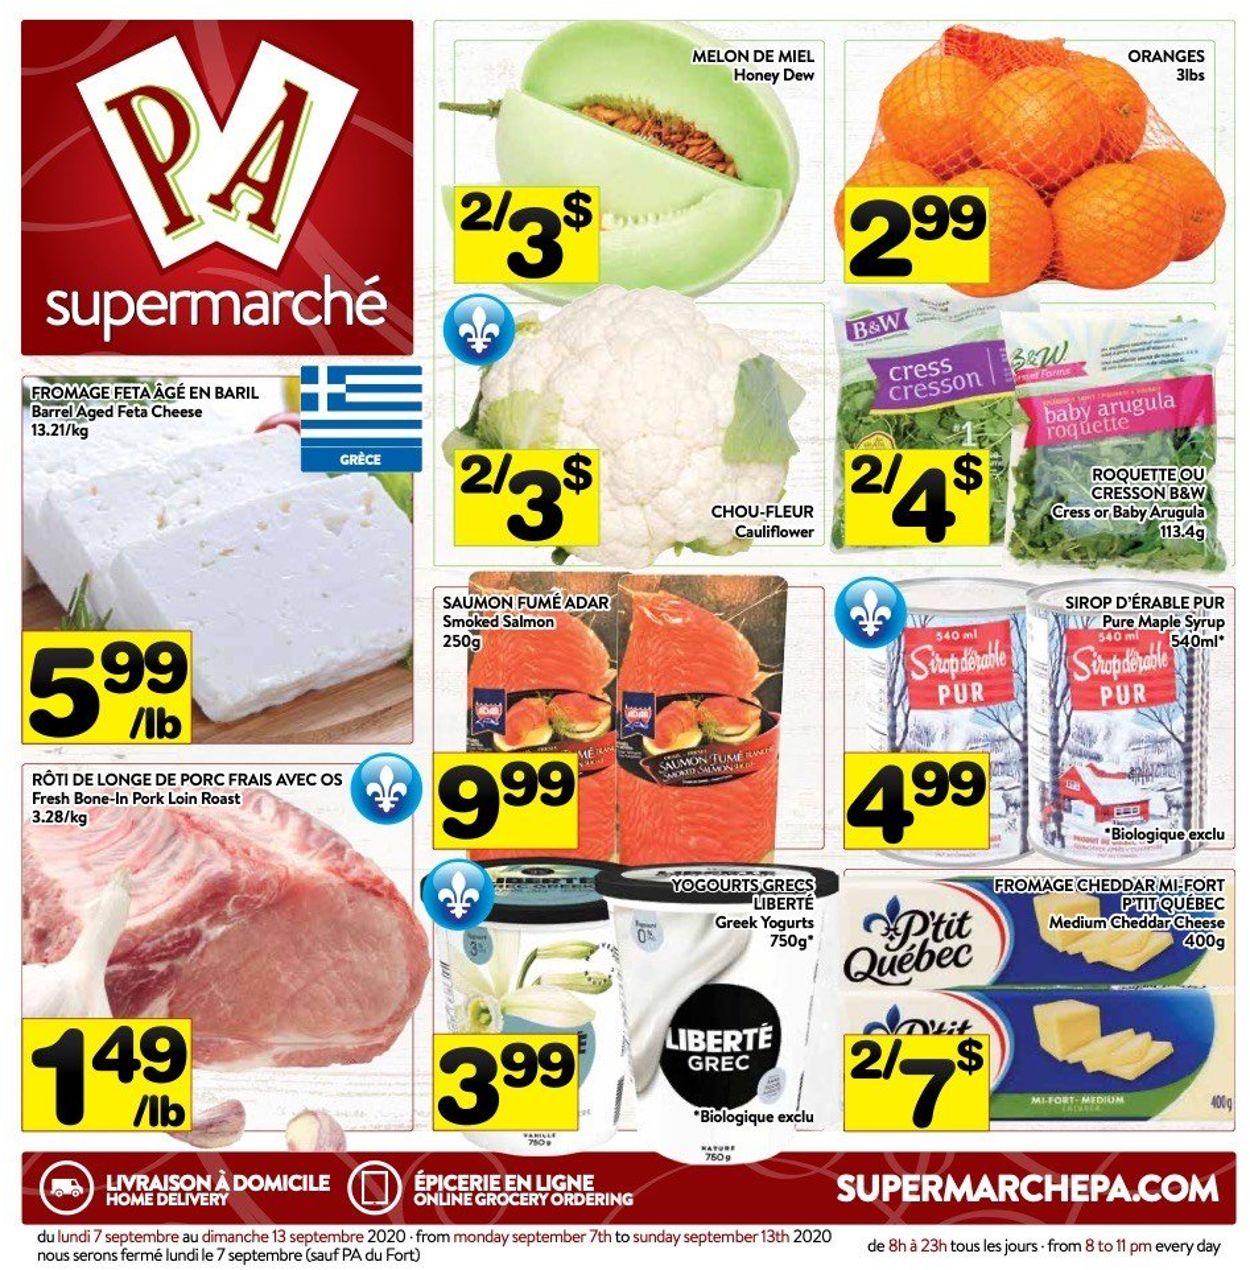 PA Supermarché Flyer - 09/07-09/13/2020